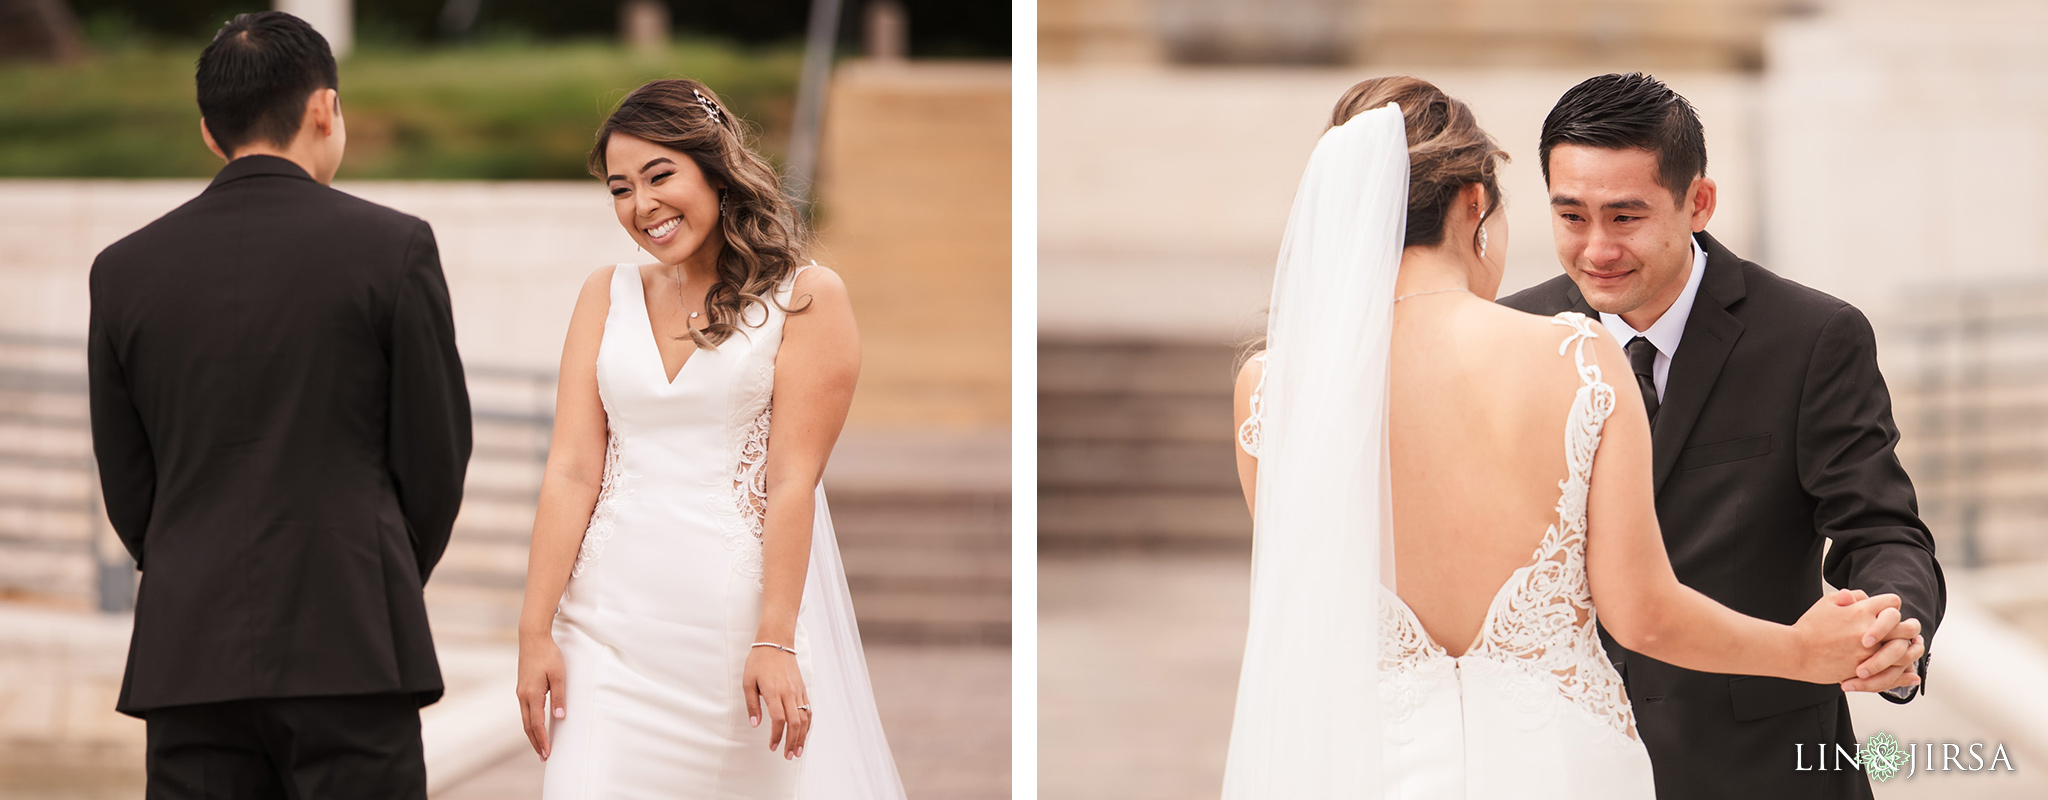 41 Coto de Caza Golf Club Wedding Photography